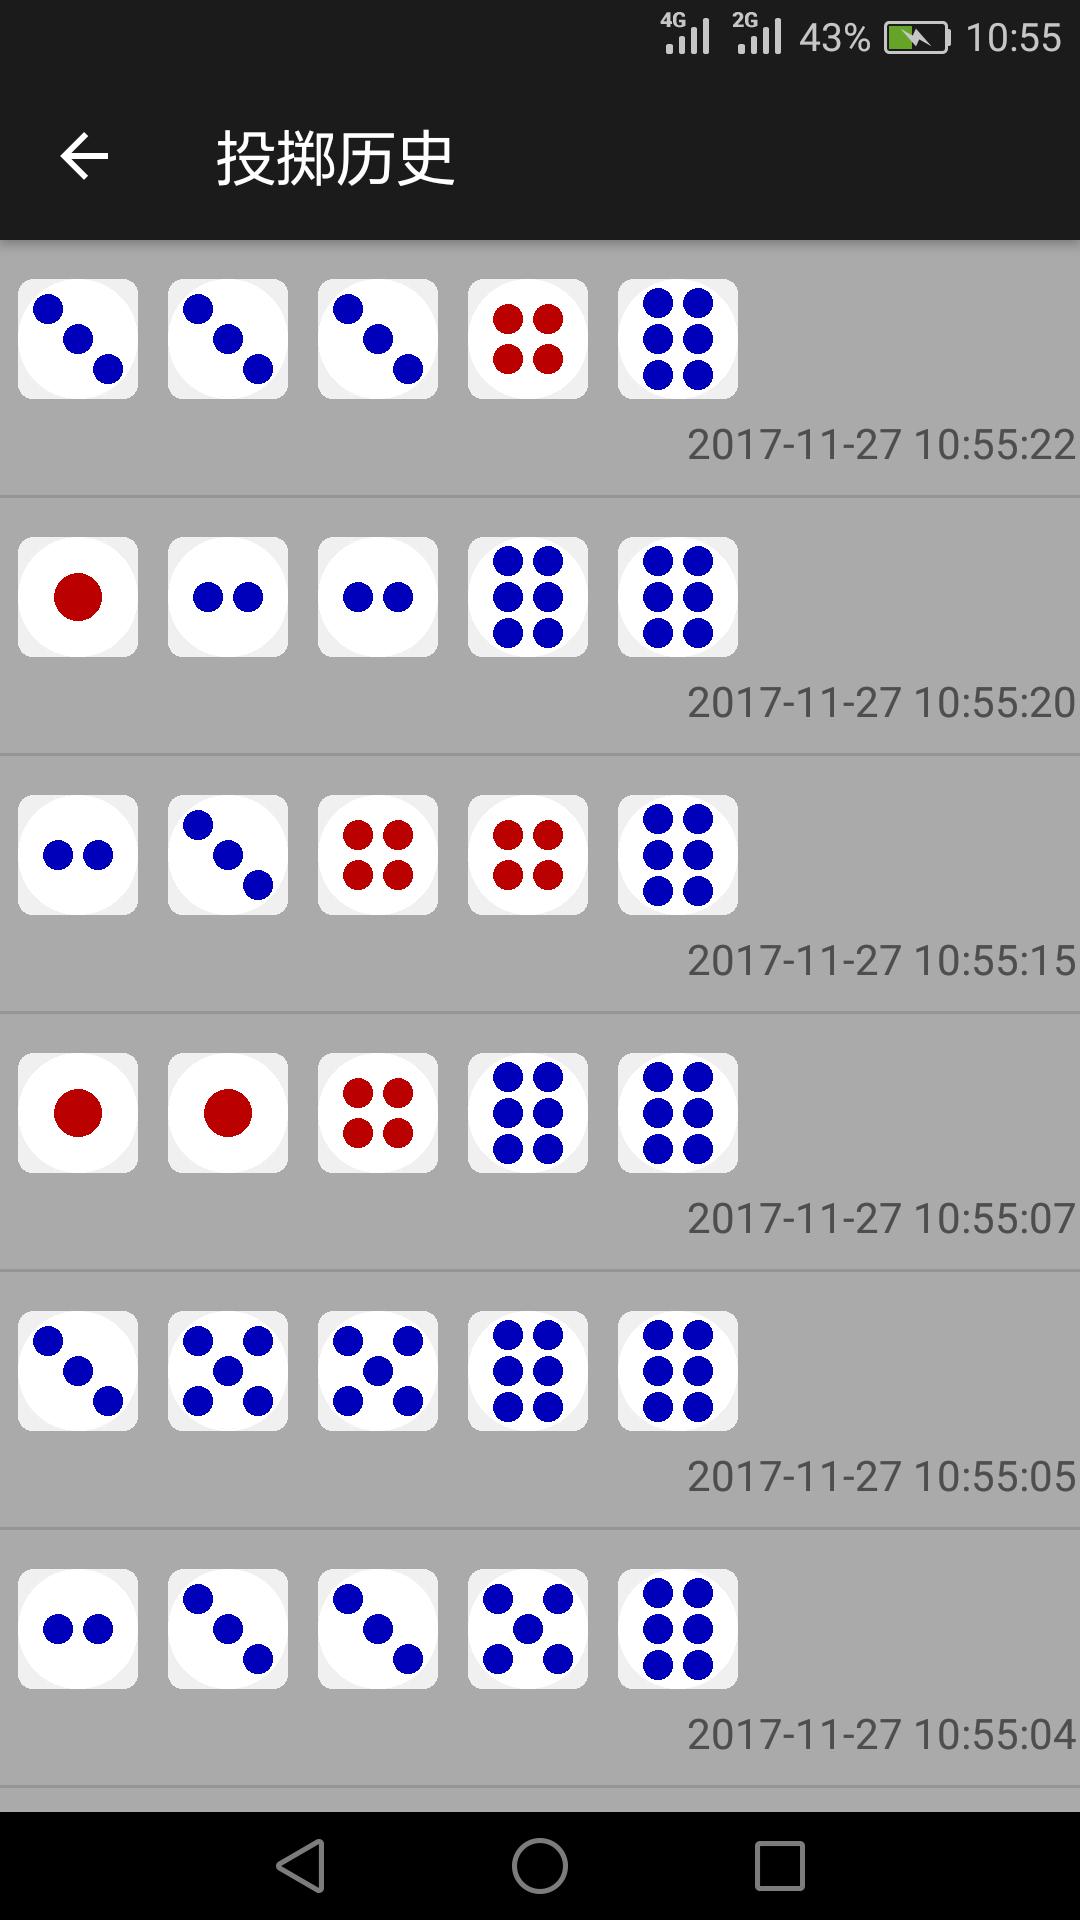 有晴掷骰子-应用截图